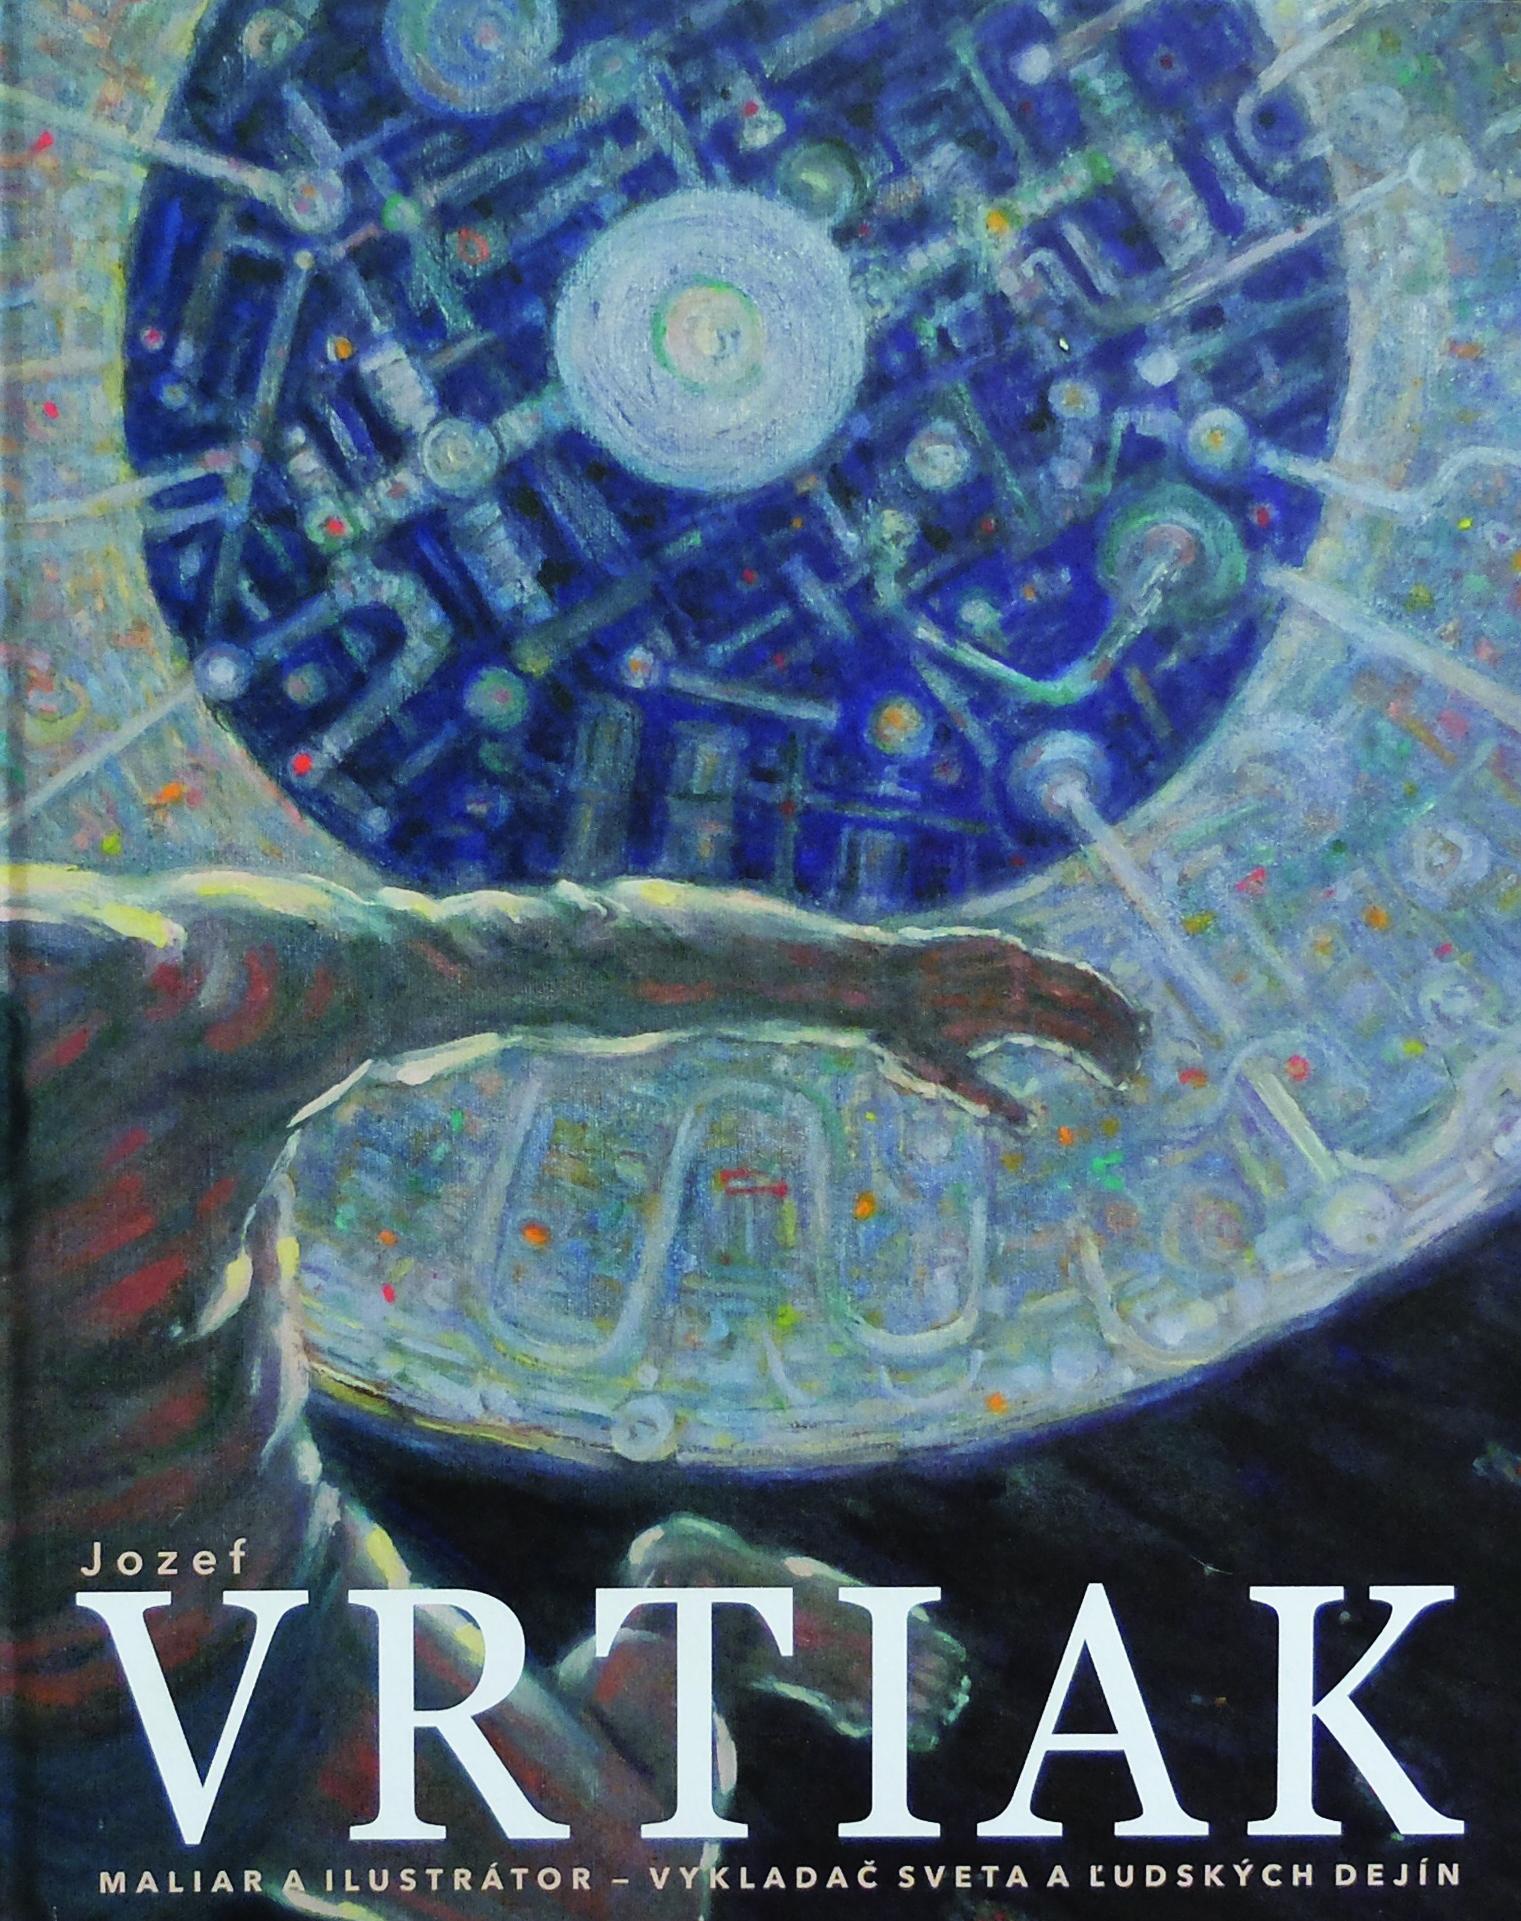 Jozef Vrtiak - Maliar a ilustrátor - vykladač sveta a ľudských dejín